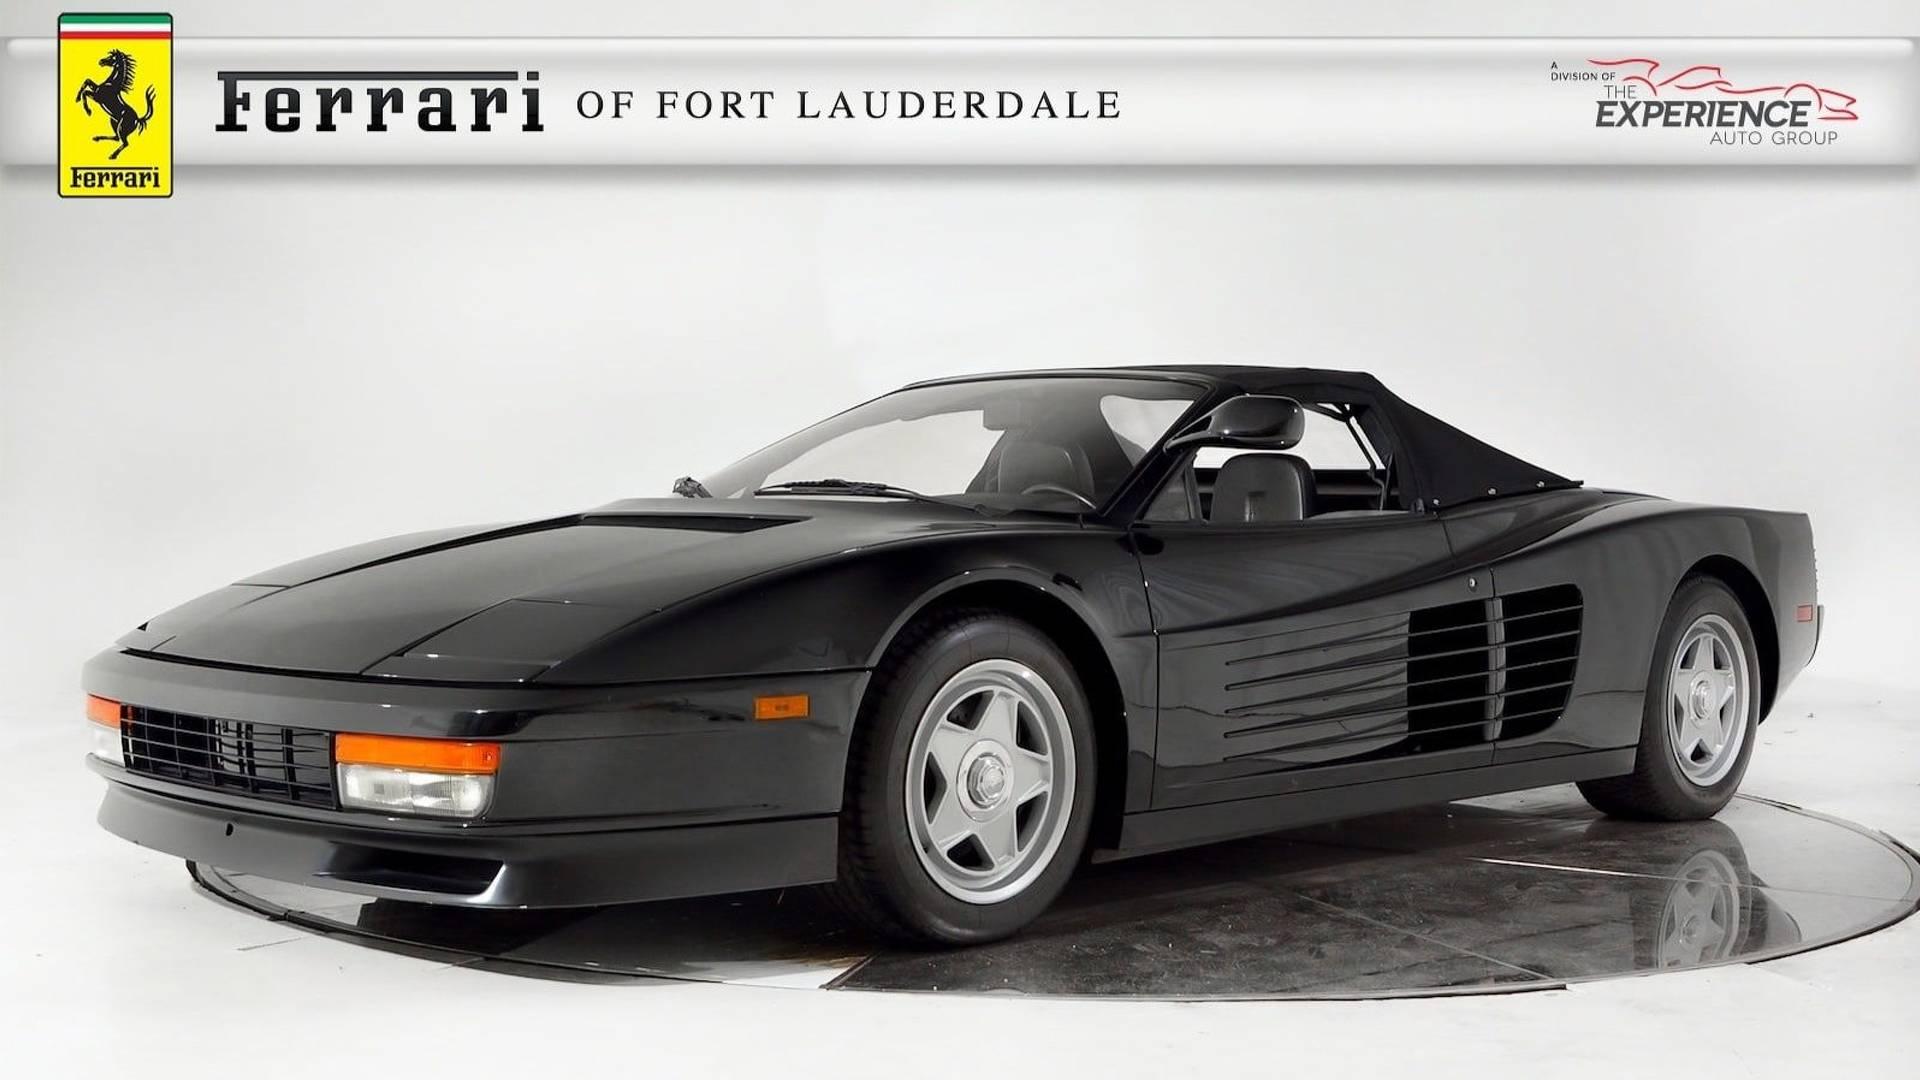 1986-ferrari-testarossa-convertible